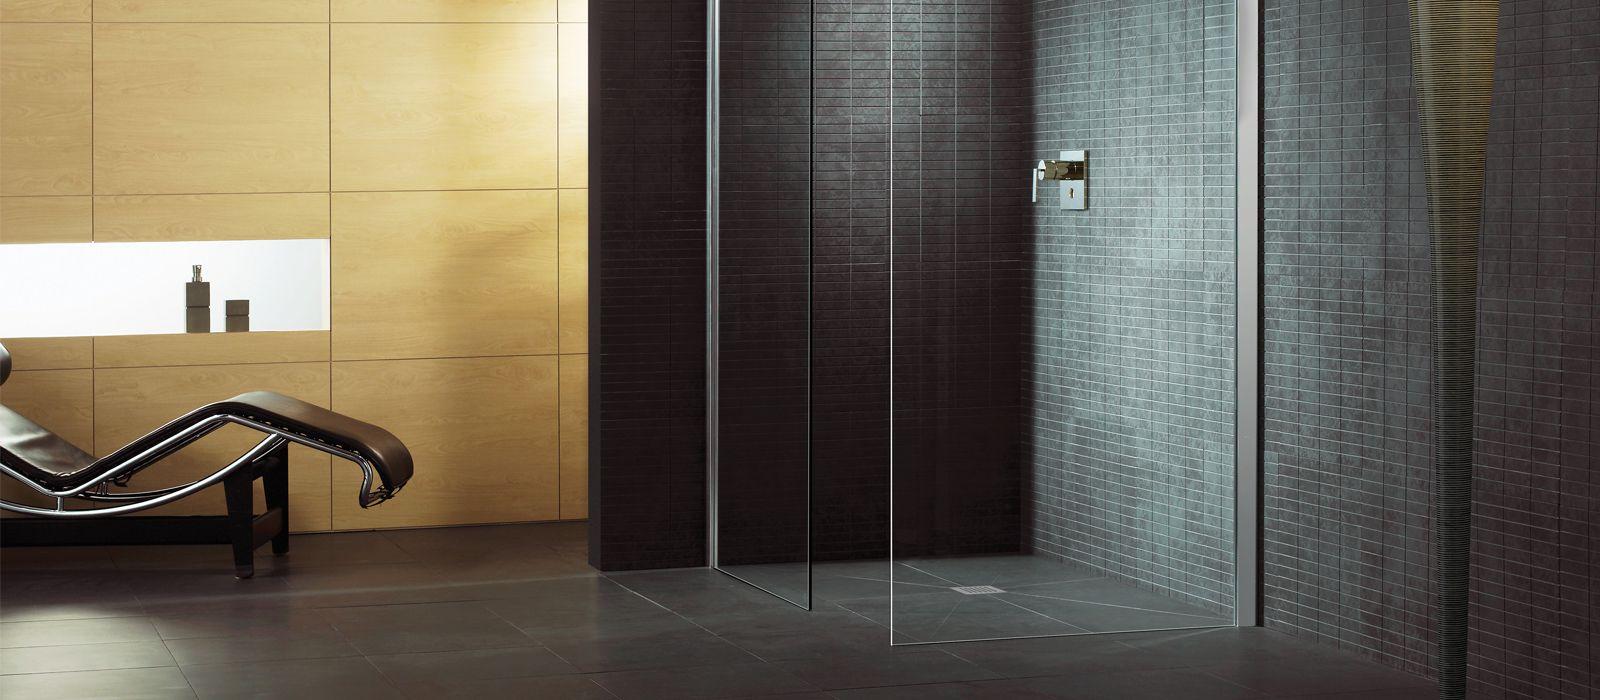 Full Size of Bodengleiche Dusche Duschen Wedide Bodenebene Hüppe Raindance Fliesen Nischentür Bidet Breuer Glaswand Schulte Ebenerdige Dusche Bodengleiche Dusche